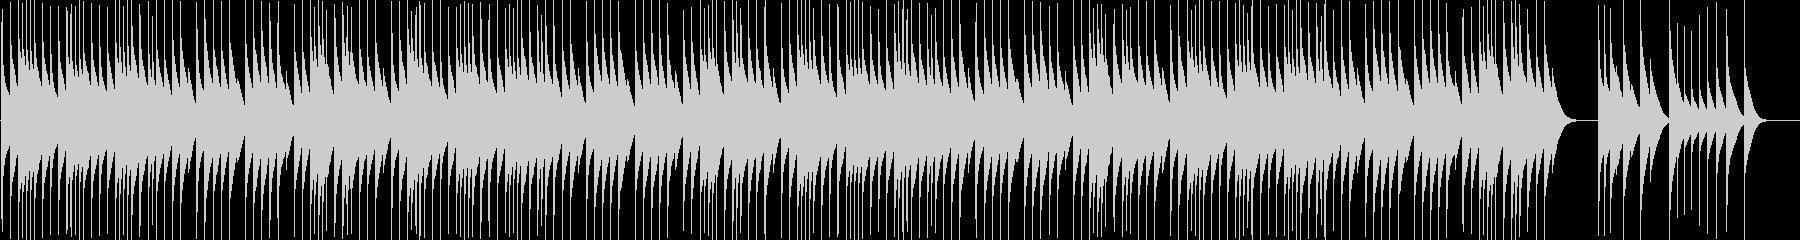 【オルゴール】クリスマス曲Wewish1の未再生の波形